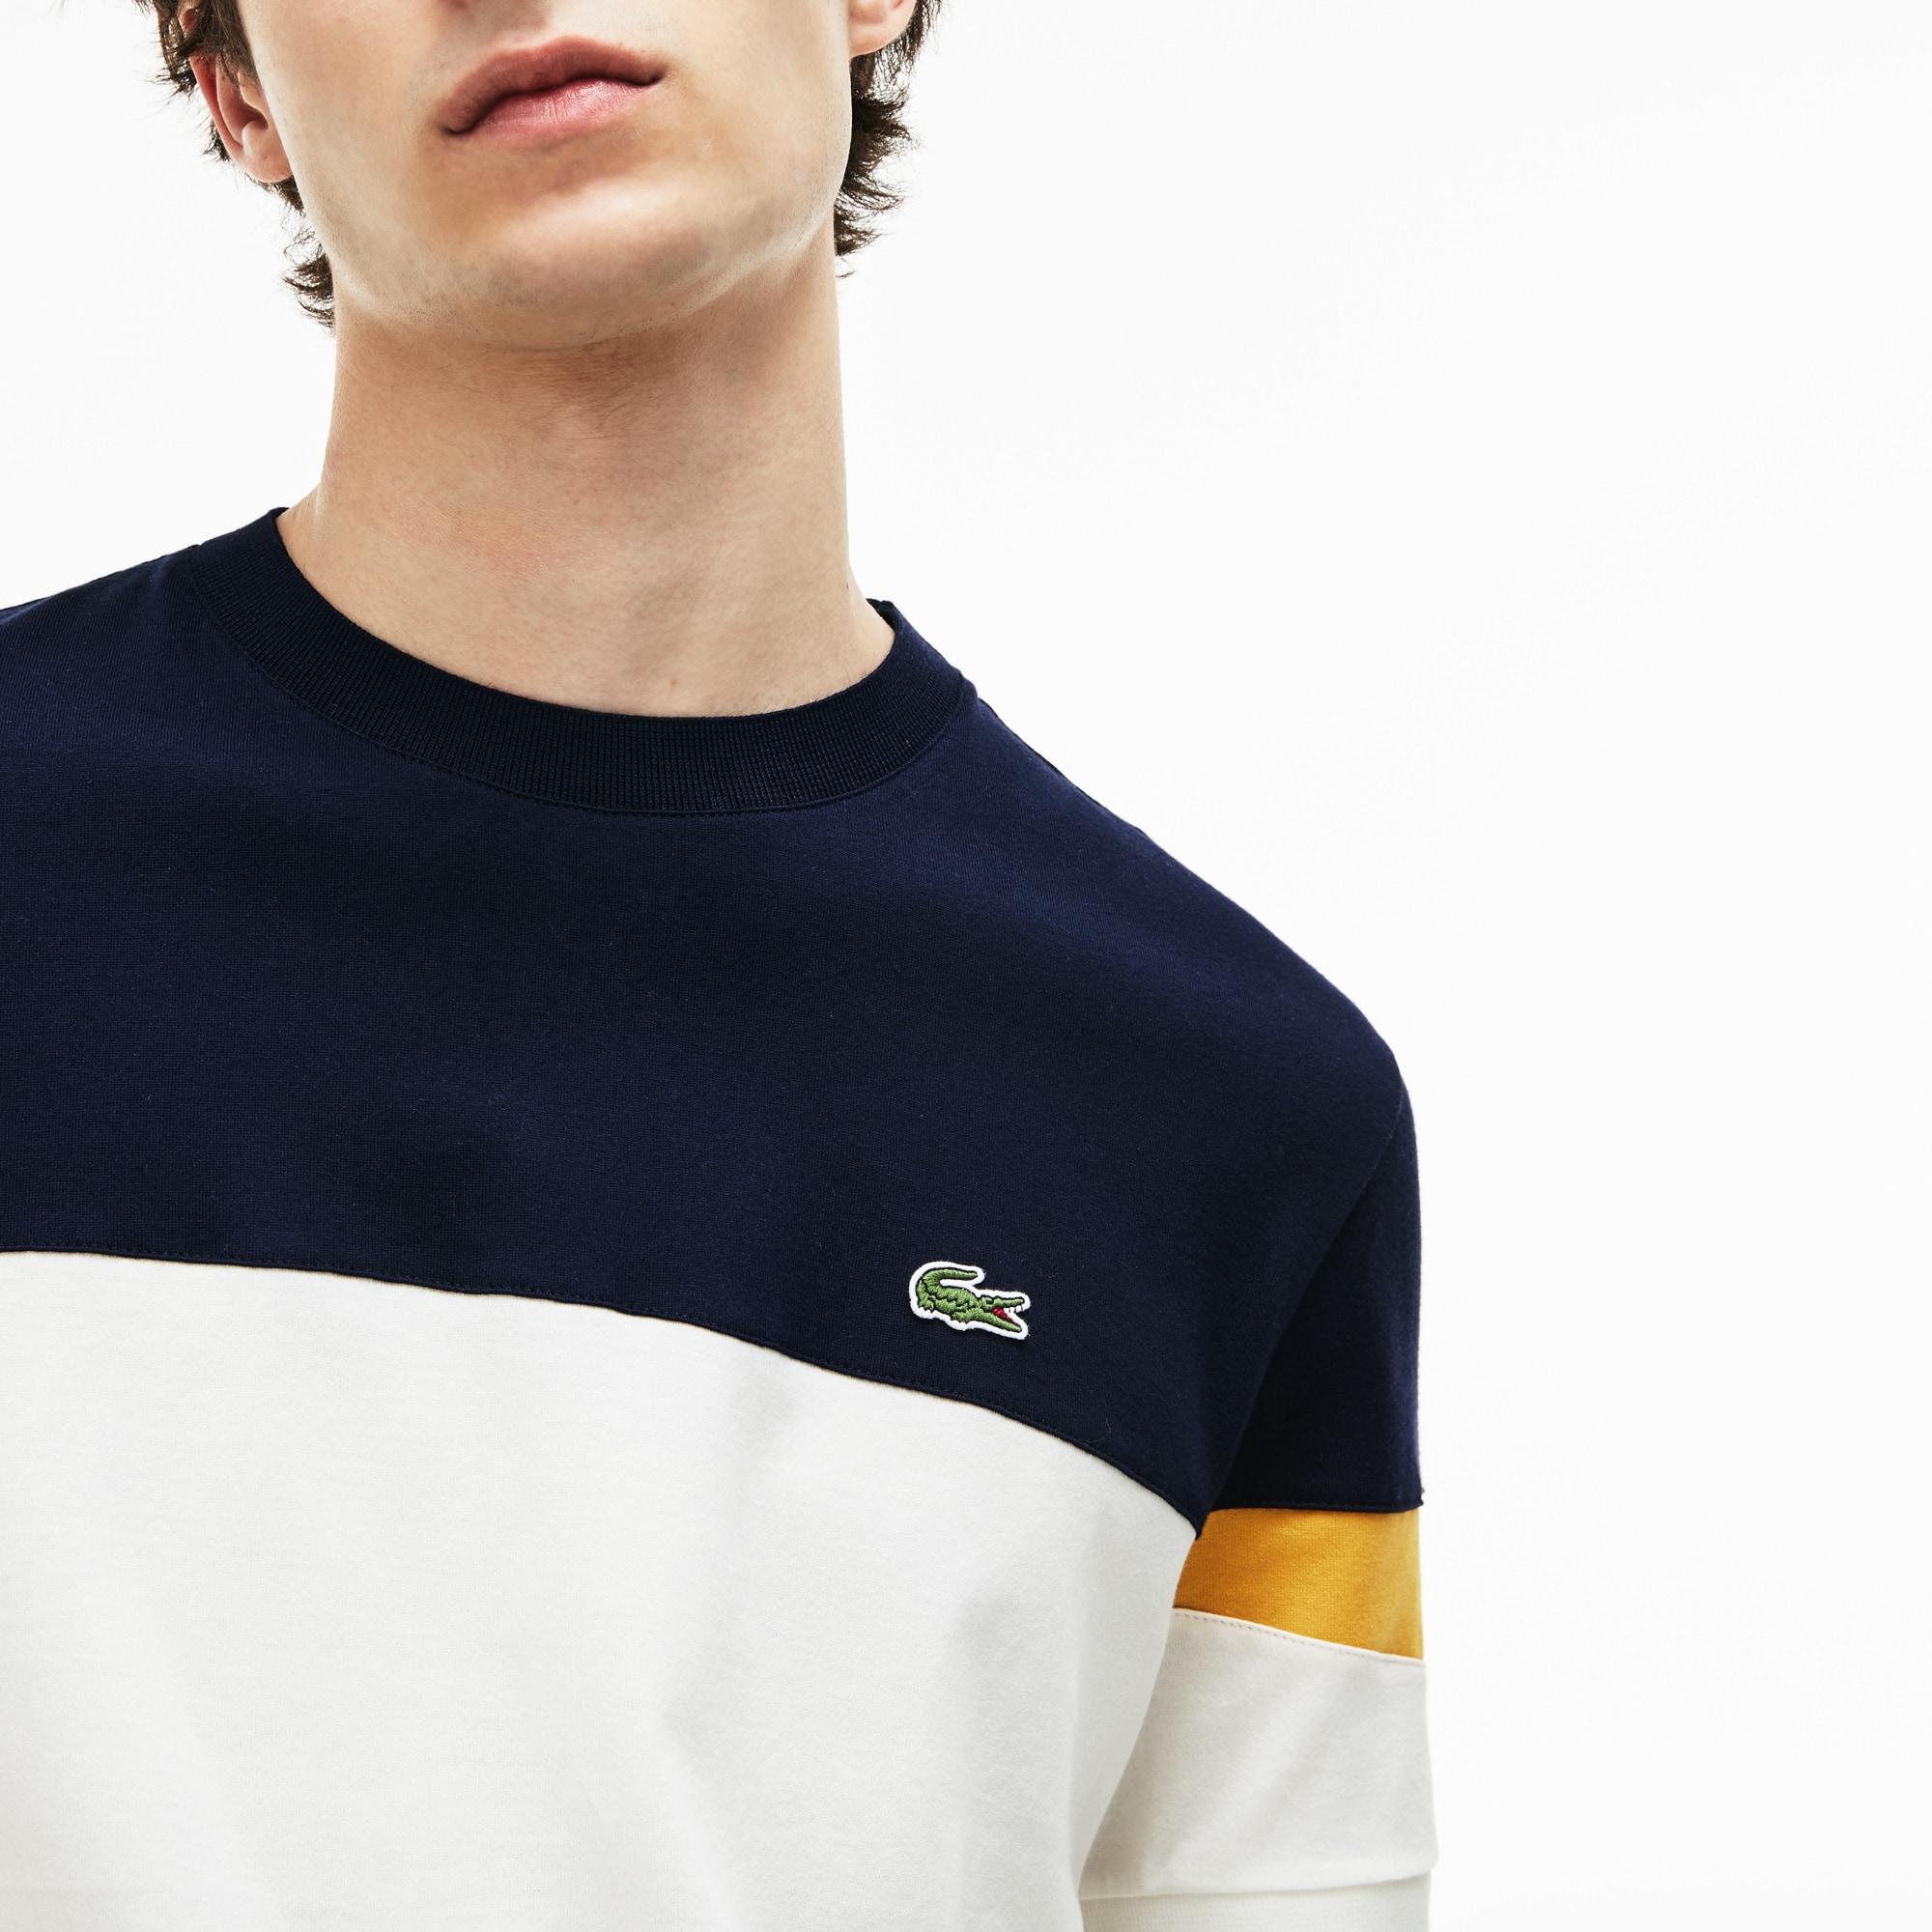 Herren Rundhals-Shirt aus Jersey im Colorblock-Design